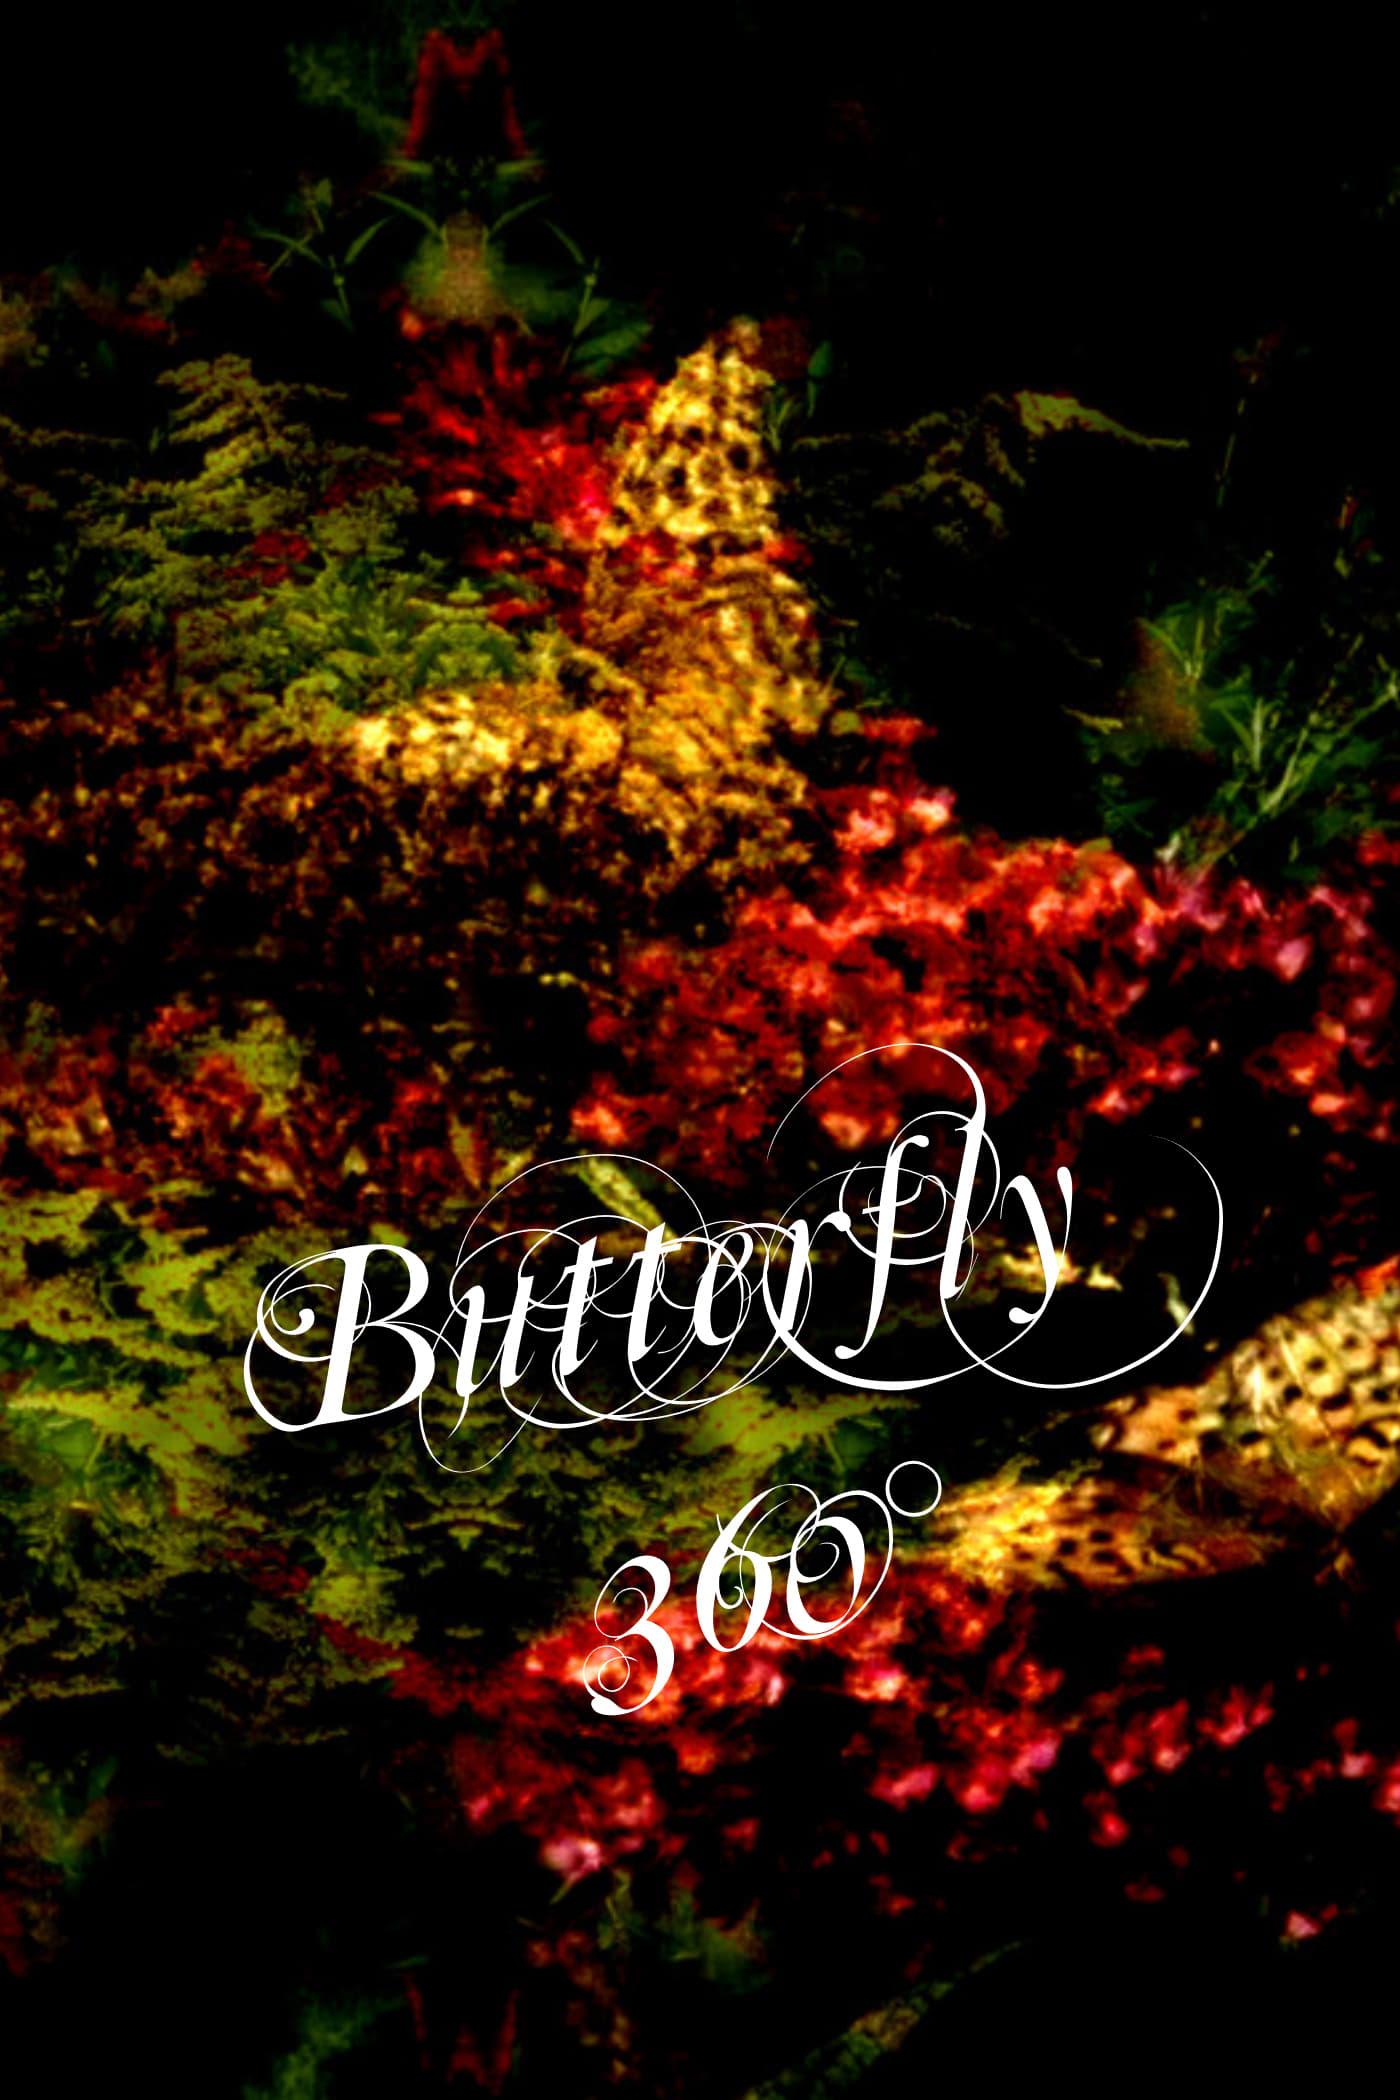 Butterfly 360°